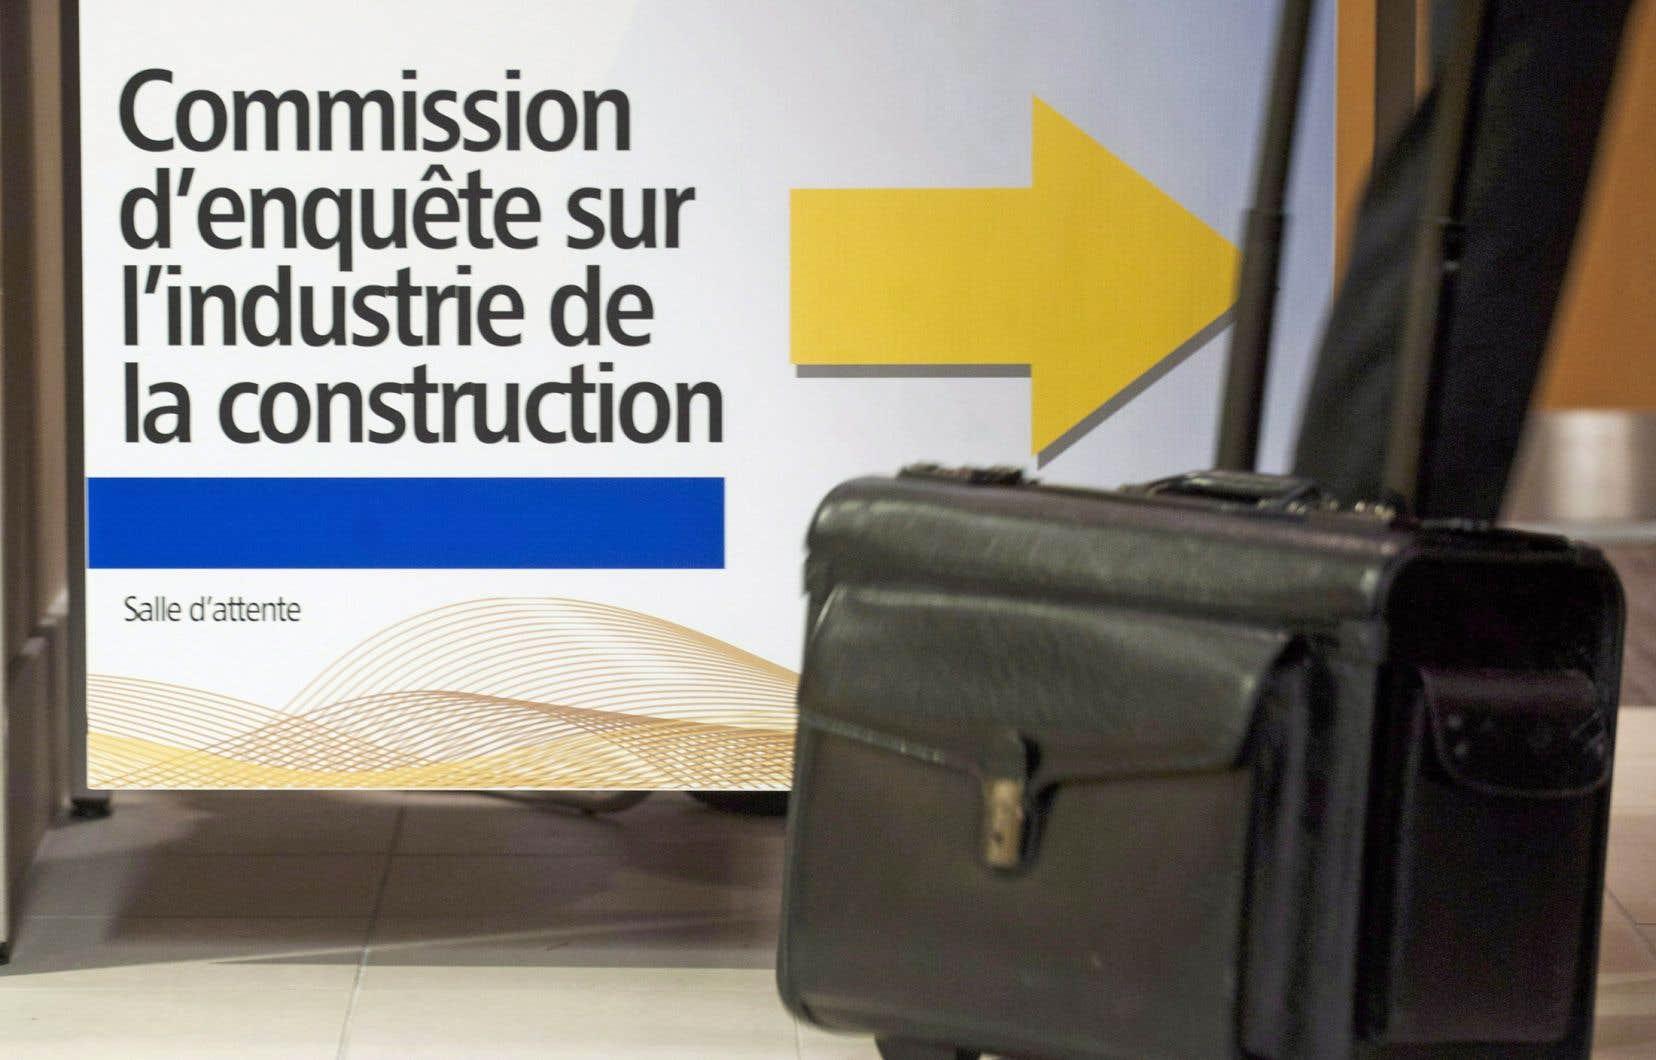 La commission Charbonneau aurait dû être un coup de semonce pour les ingénieurs, un appel pour tous les membres à lire et relire leur Code des professions, estime l'auteur.